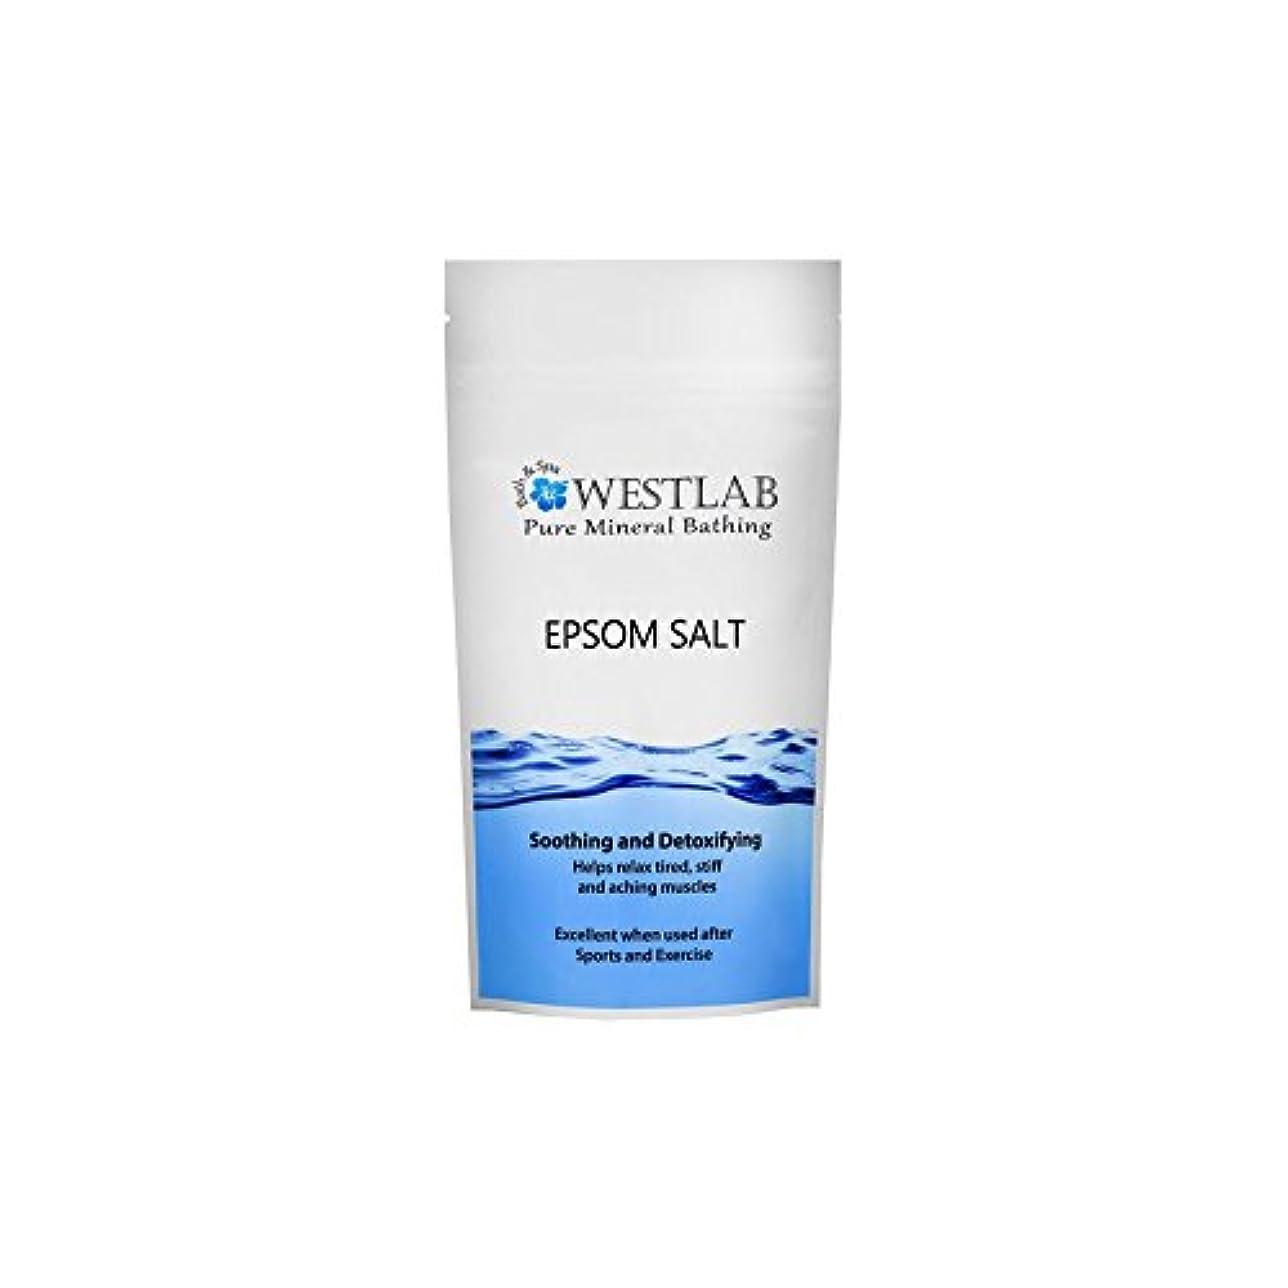 名目上の貪欲追うエプソム塩の2キロ x2 - Westlab Epsom Salt 2kg (Pack of 2) [並行輸入品]